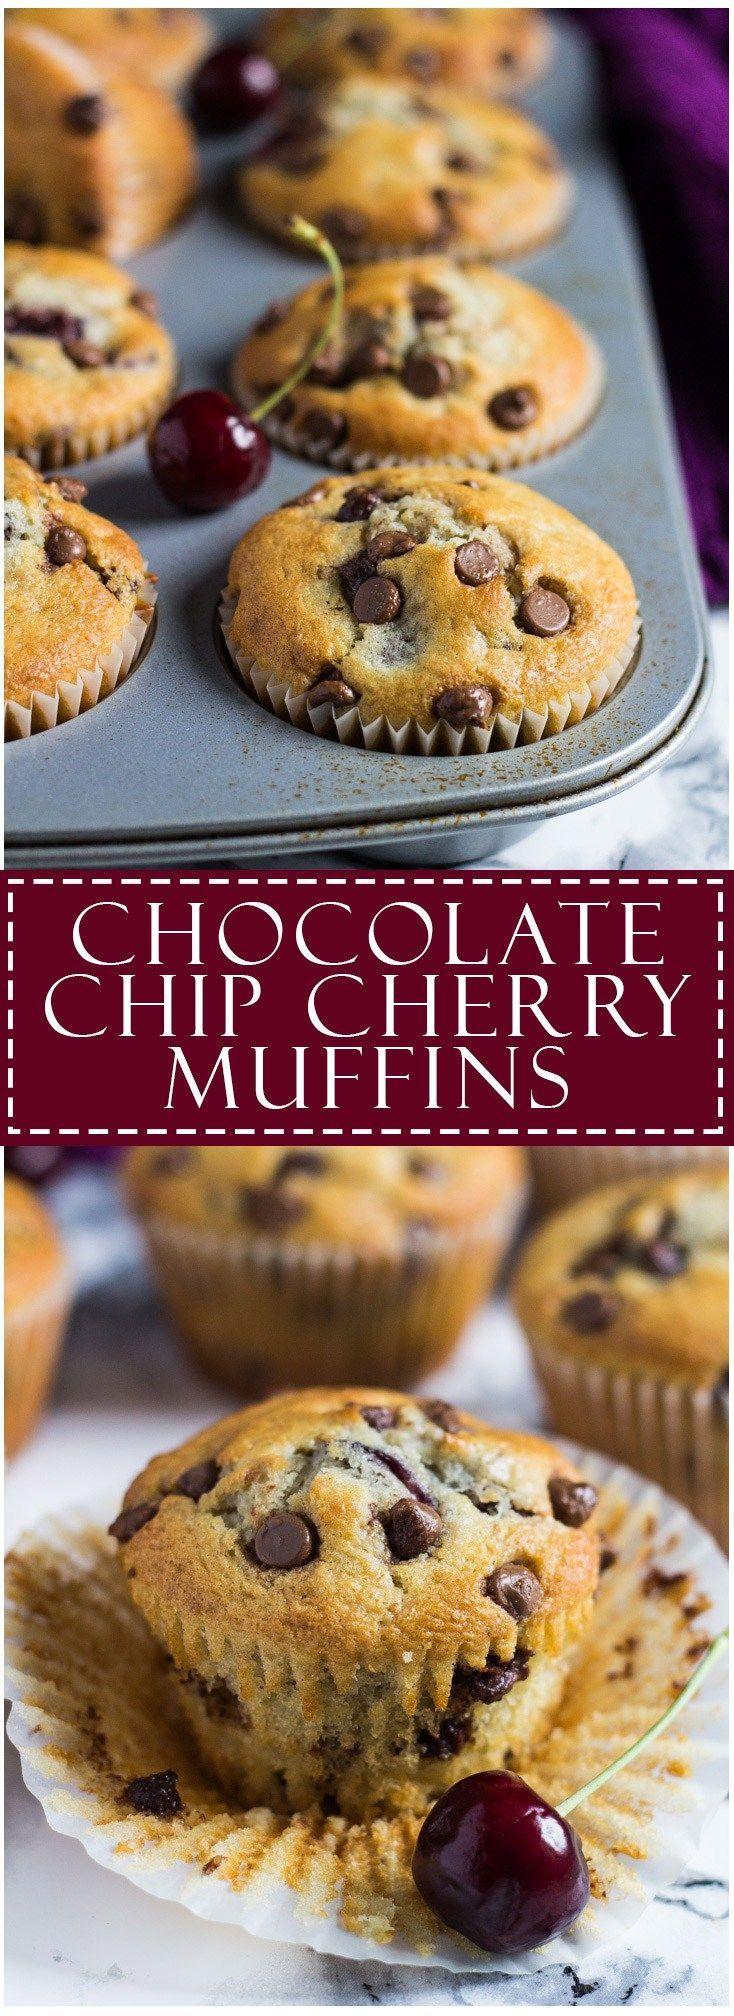 Chocolate Chip Cherry Muffins   Marsha's Baking Addiction